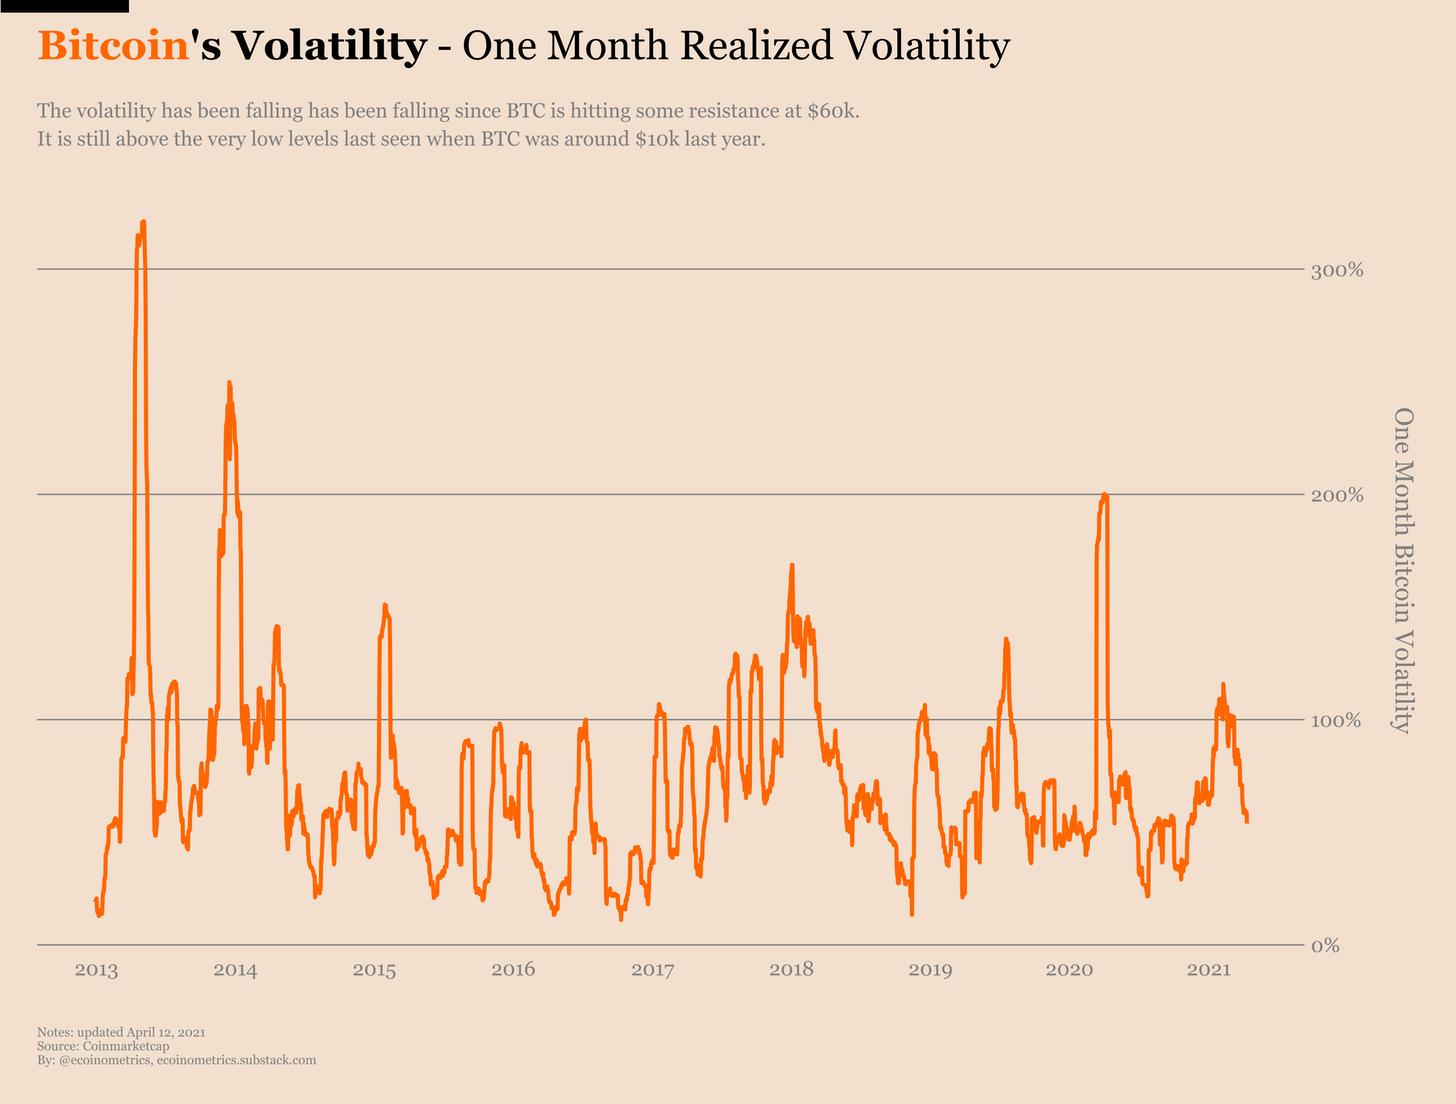 Volatilidade mensal realizada do BTC